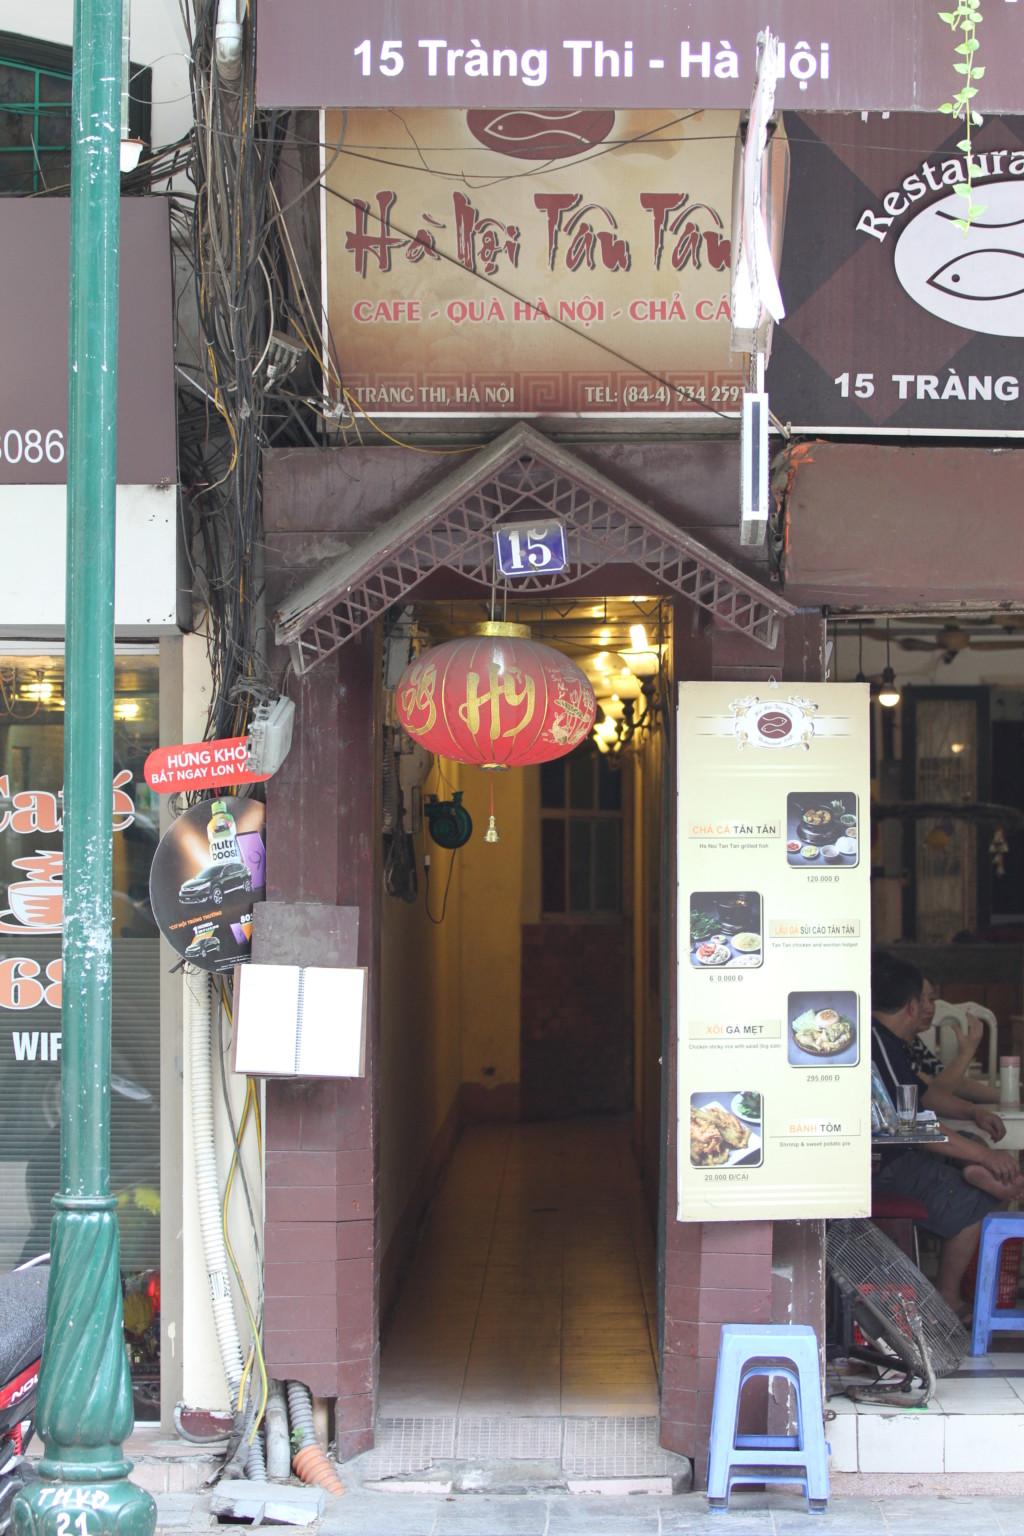 Ha Noi Tan Tan (Cha ca Tan Tan) 店舗